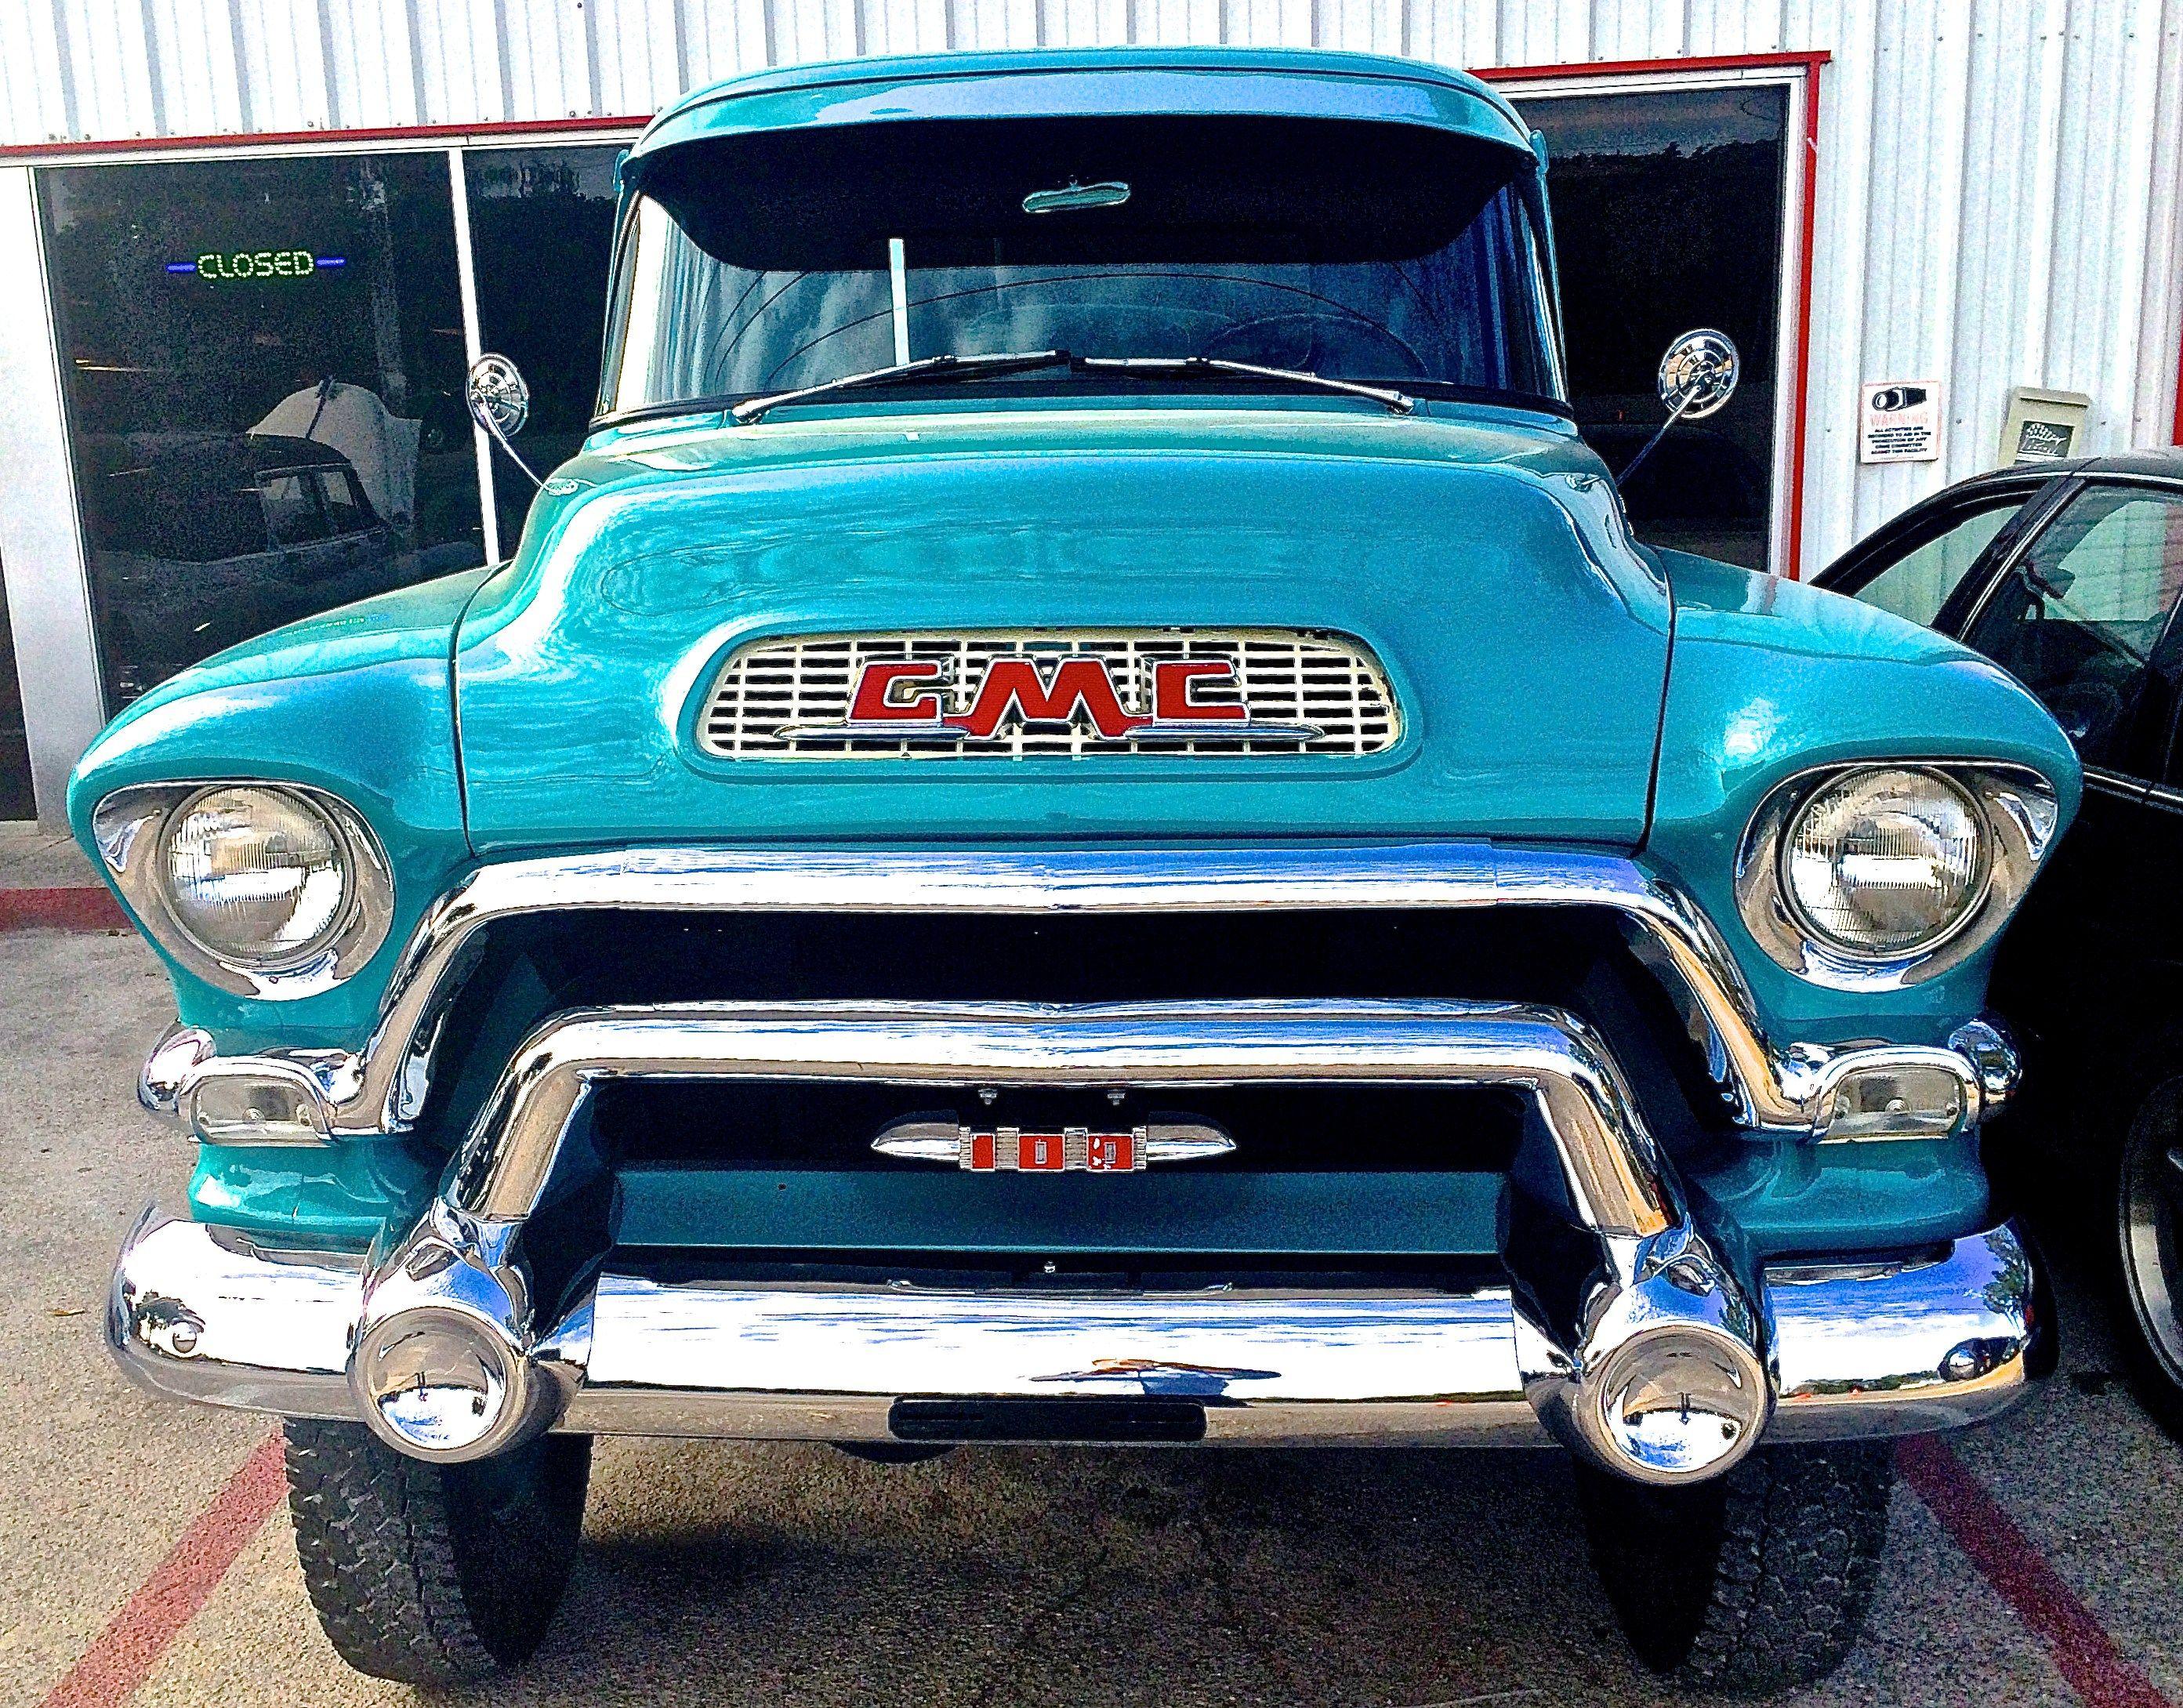 1956 Gmc Napco 4 4 Truck For Sale At Motoreum Gmc Trucks Trucks 4x4 Trucks